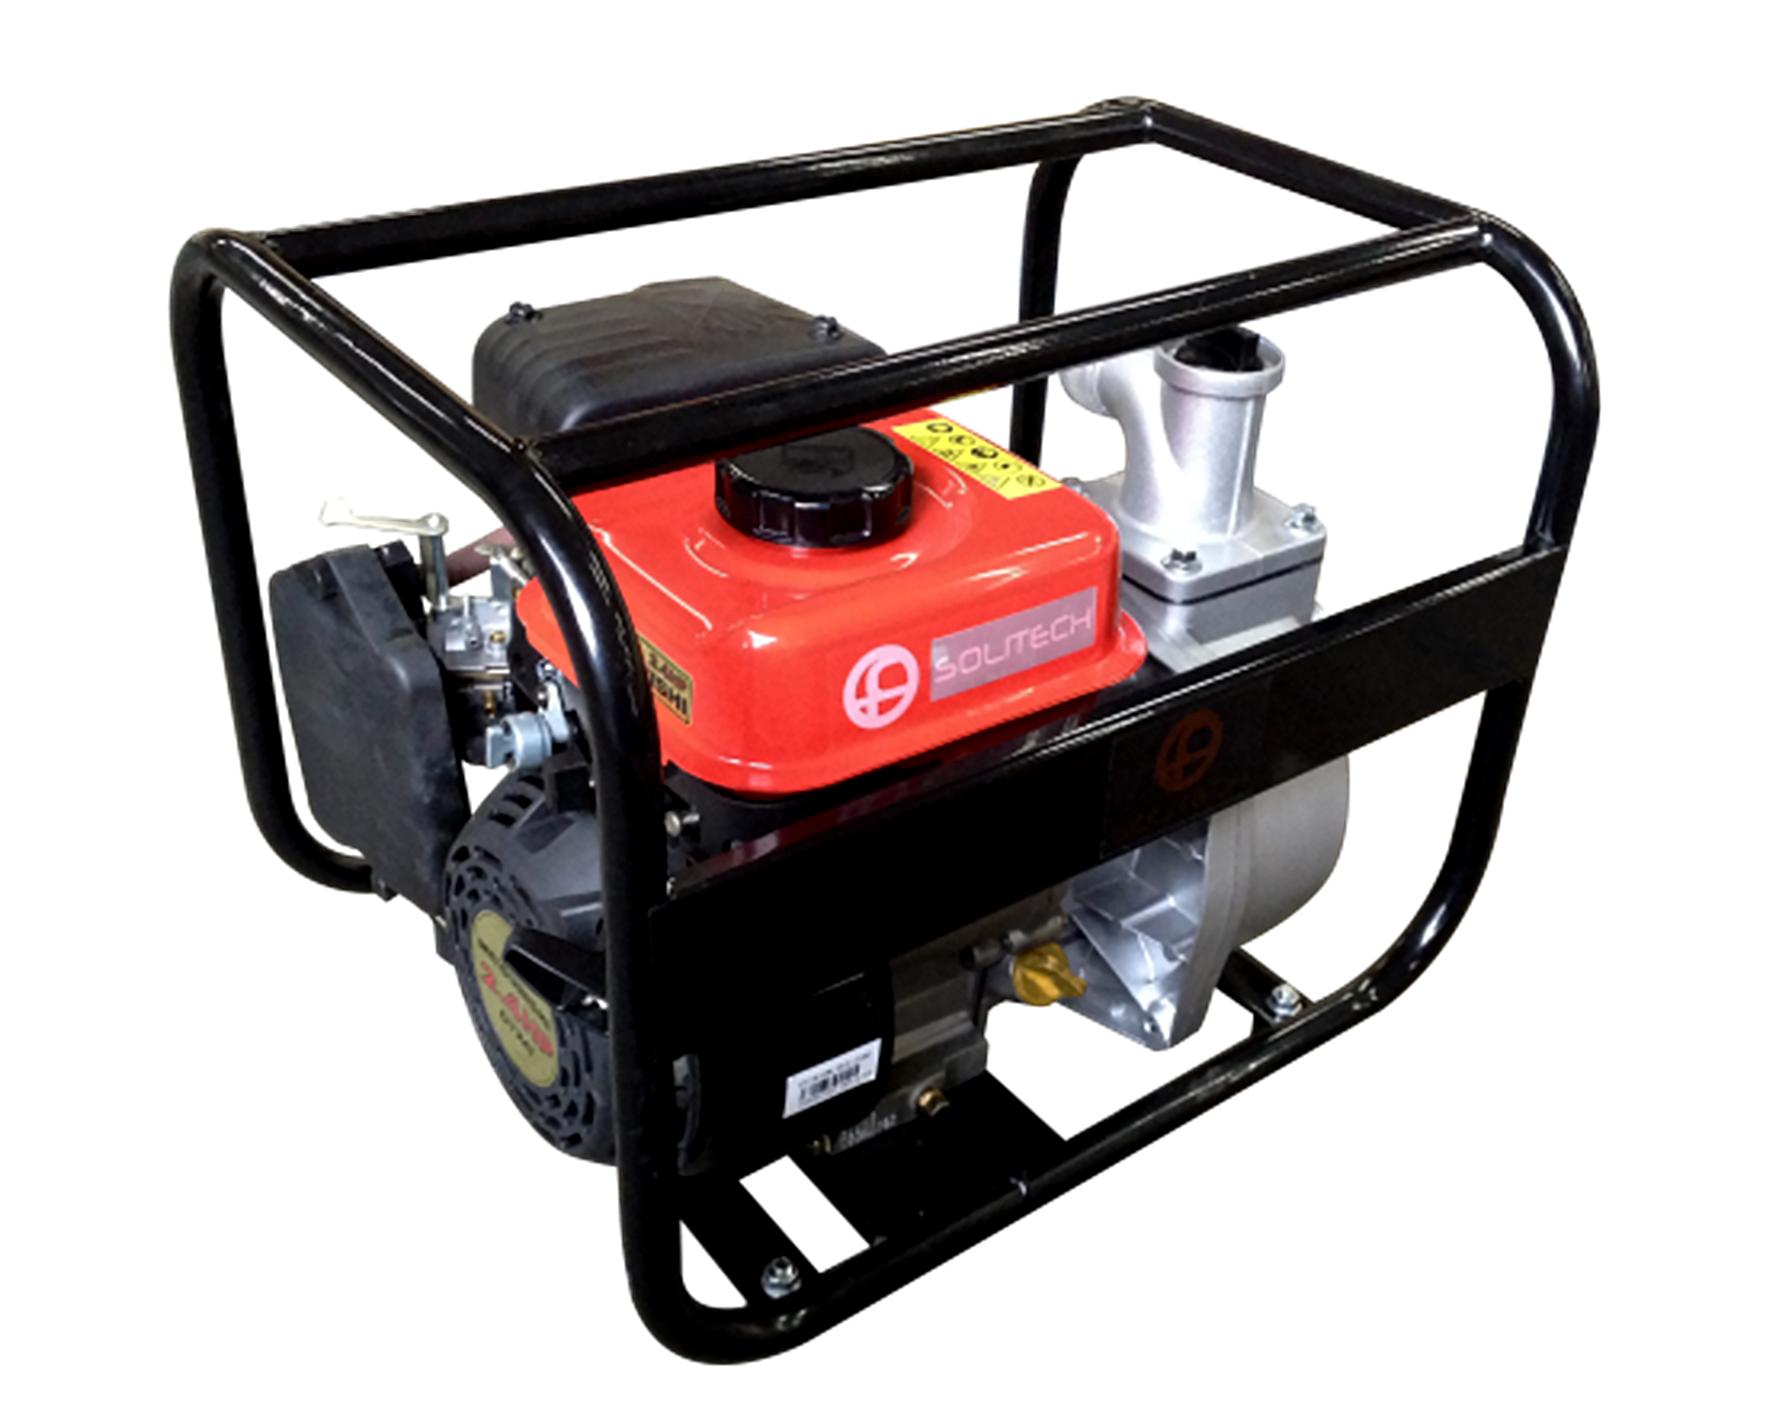 pompe thermique 79 6cc 20m3 h mitsubishi pompe thermique pompe d 39 arrosage surpresseur vide. Black Bedroom Furniture Sets. Home Design Ideas